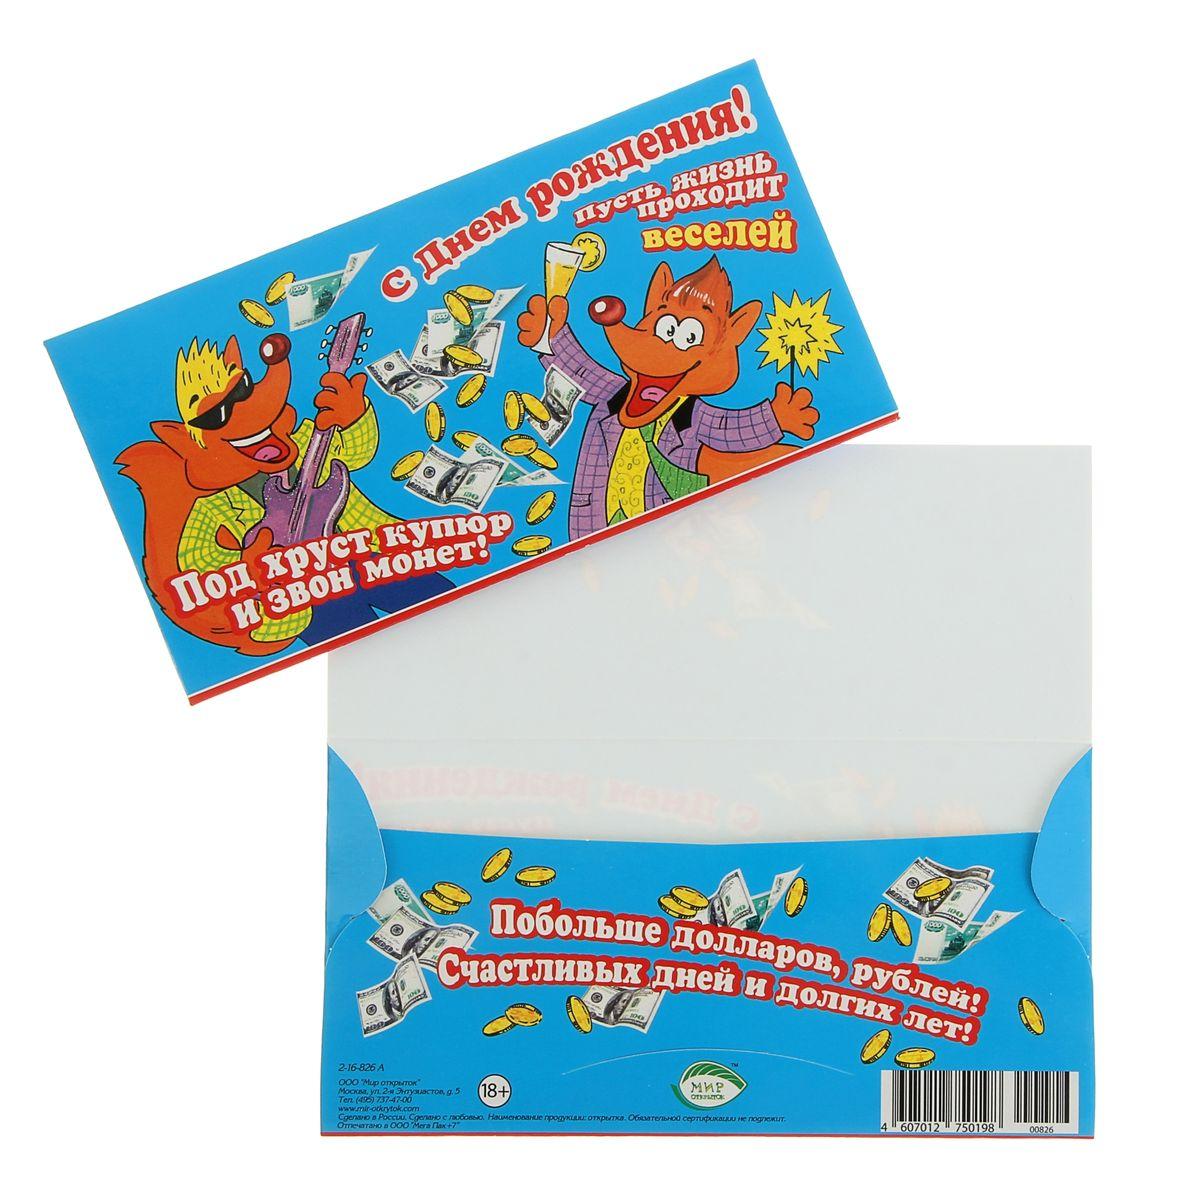 Надписью, прикольные картинки для конвертов с деньгами